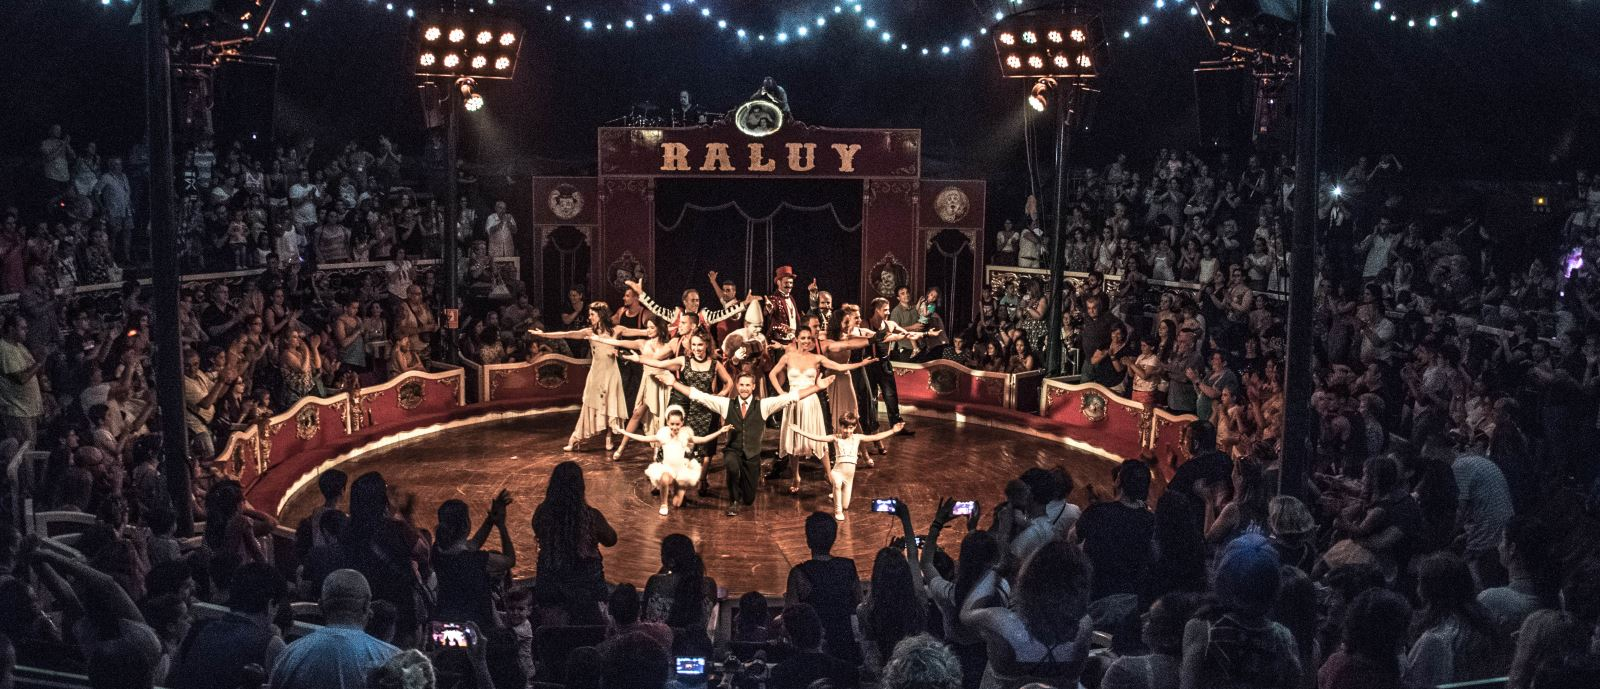 Final del Espectáculo del Circo Raluy Legacy Header